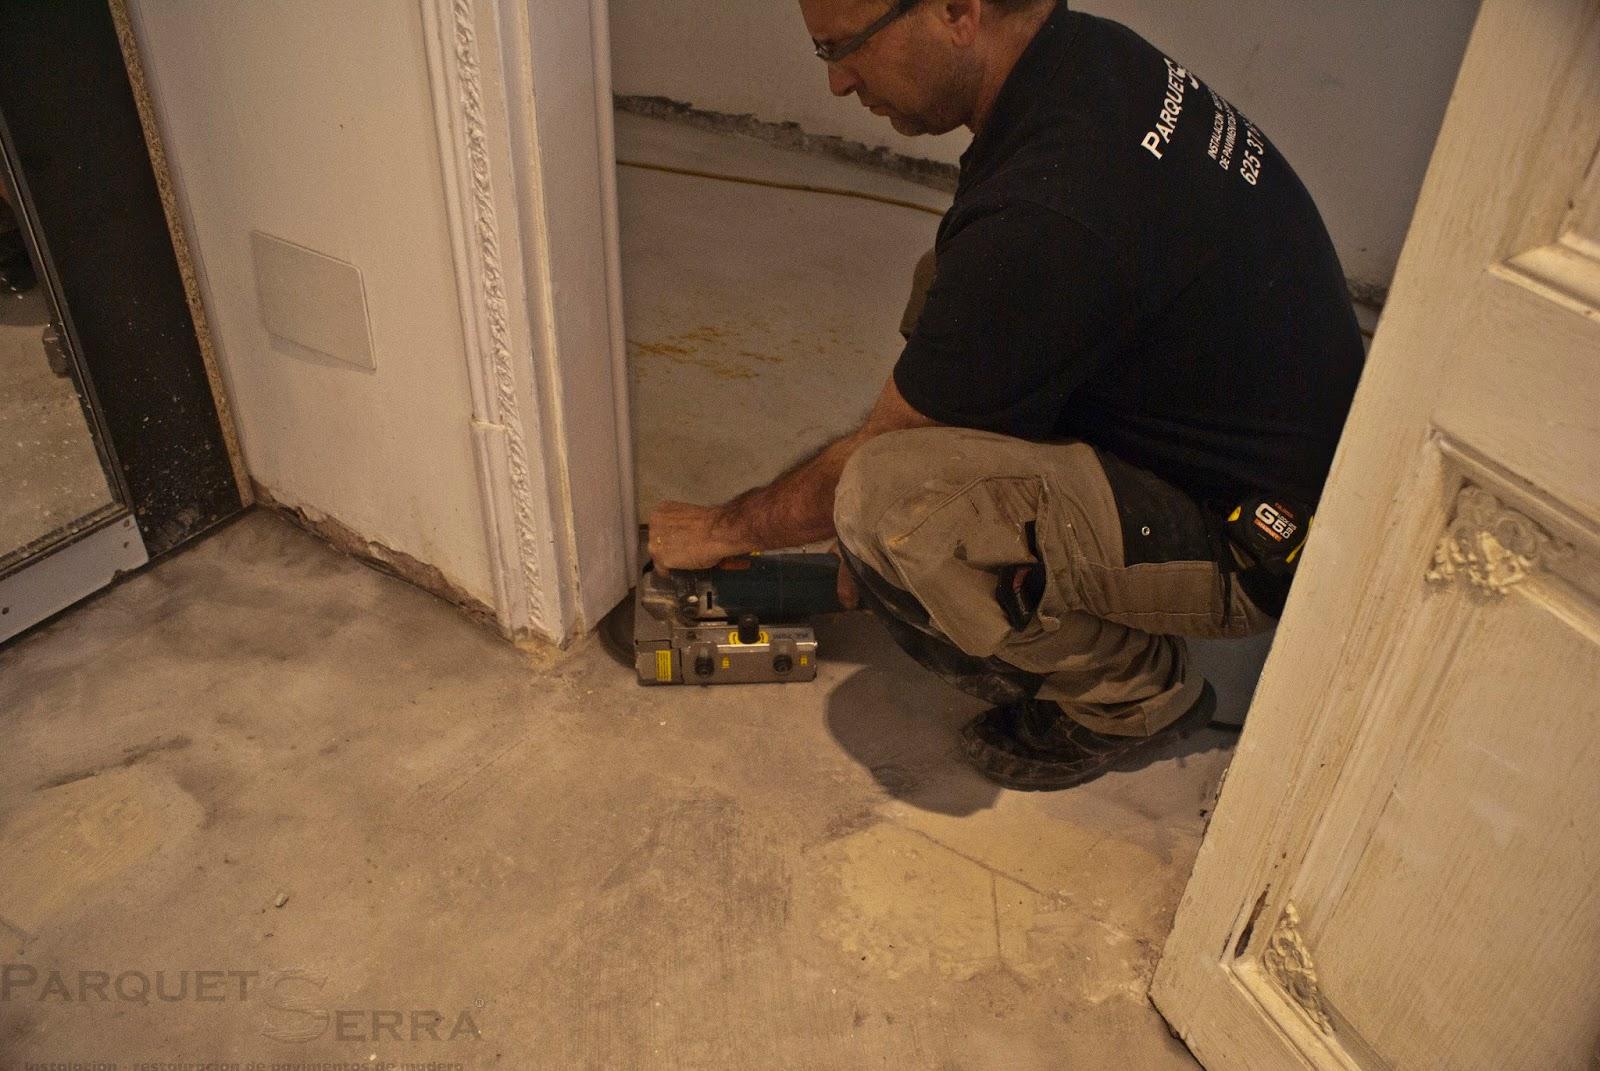 como toda instalacin de cualquier pavimento que se instale se tendrn que rebajar tanto las puertas como los marcos para poder instalar el parquet